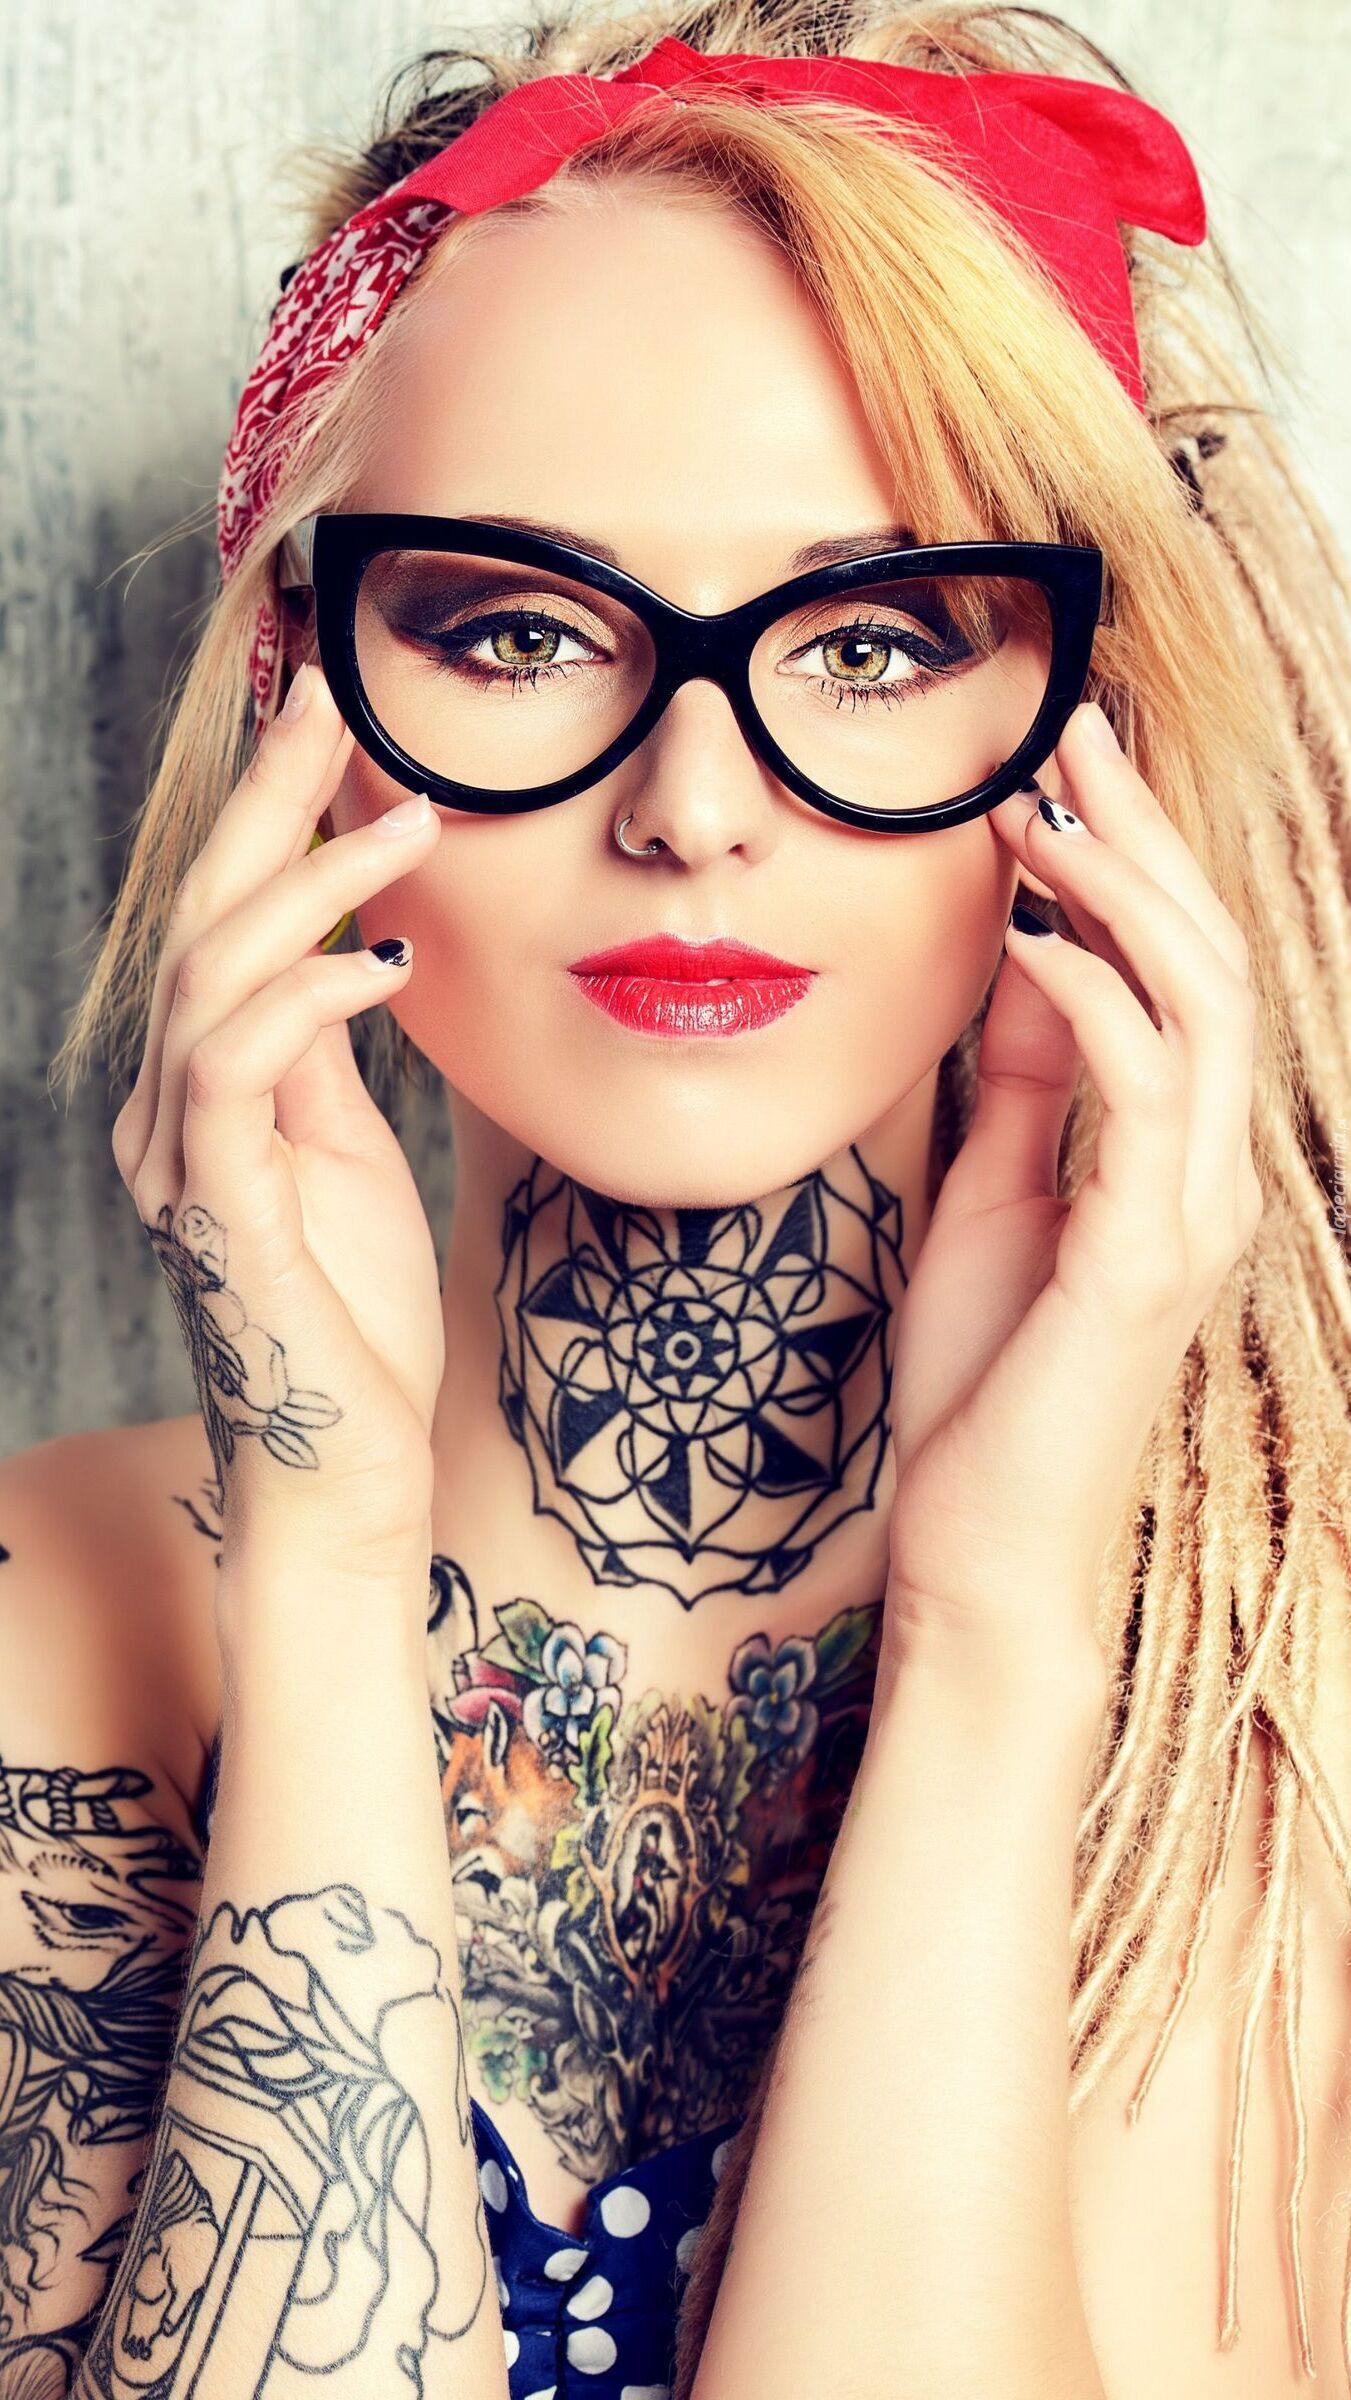 Blondynka w tatuażach